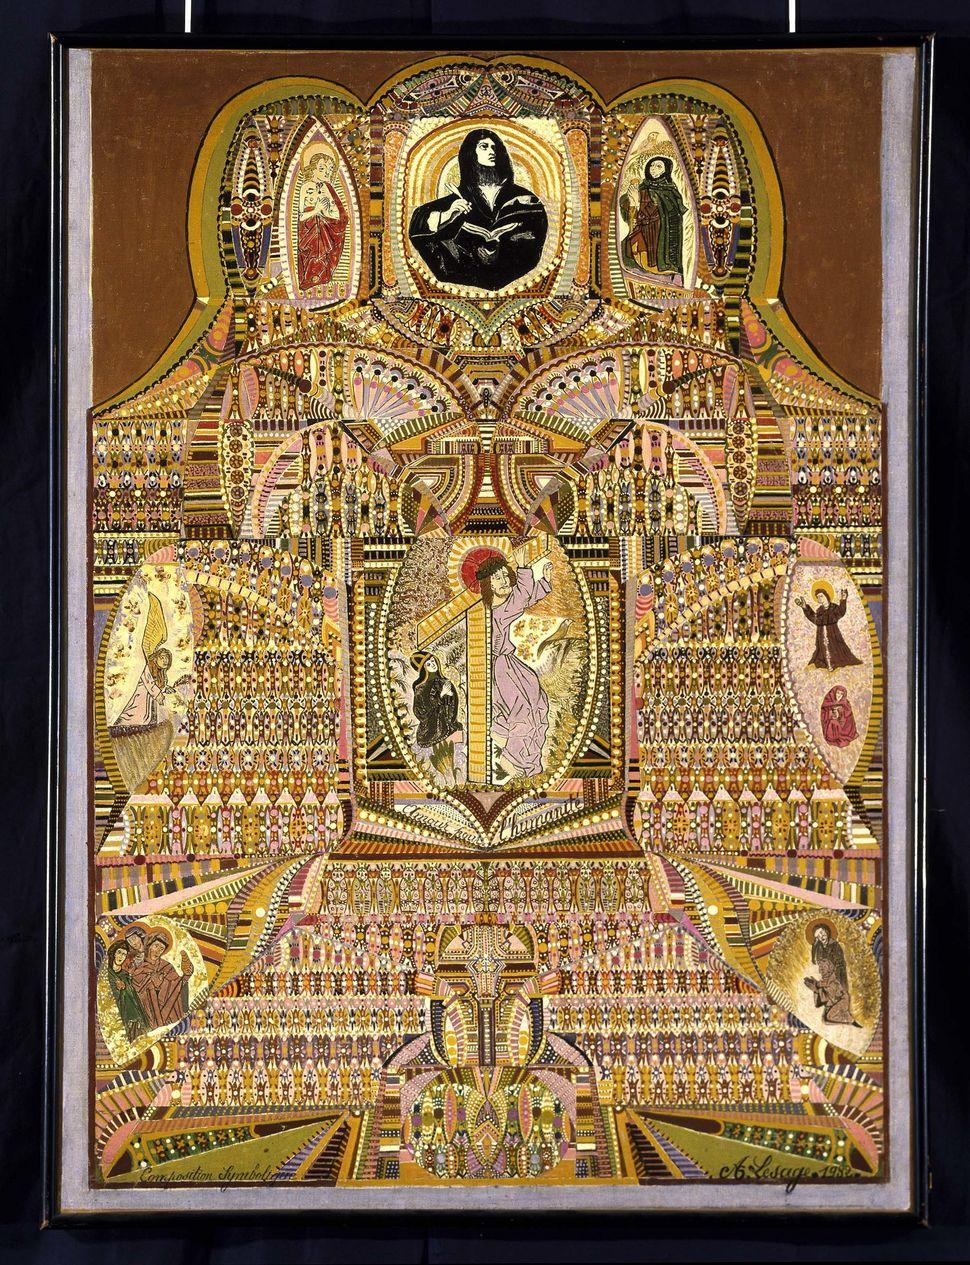 Lesage Augustin, Composition symbolique, amour por l'humanite, 1932, Pas-de-Calais, France, oil on canvas, Collection de l'Ar